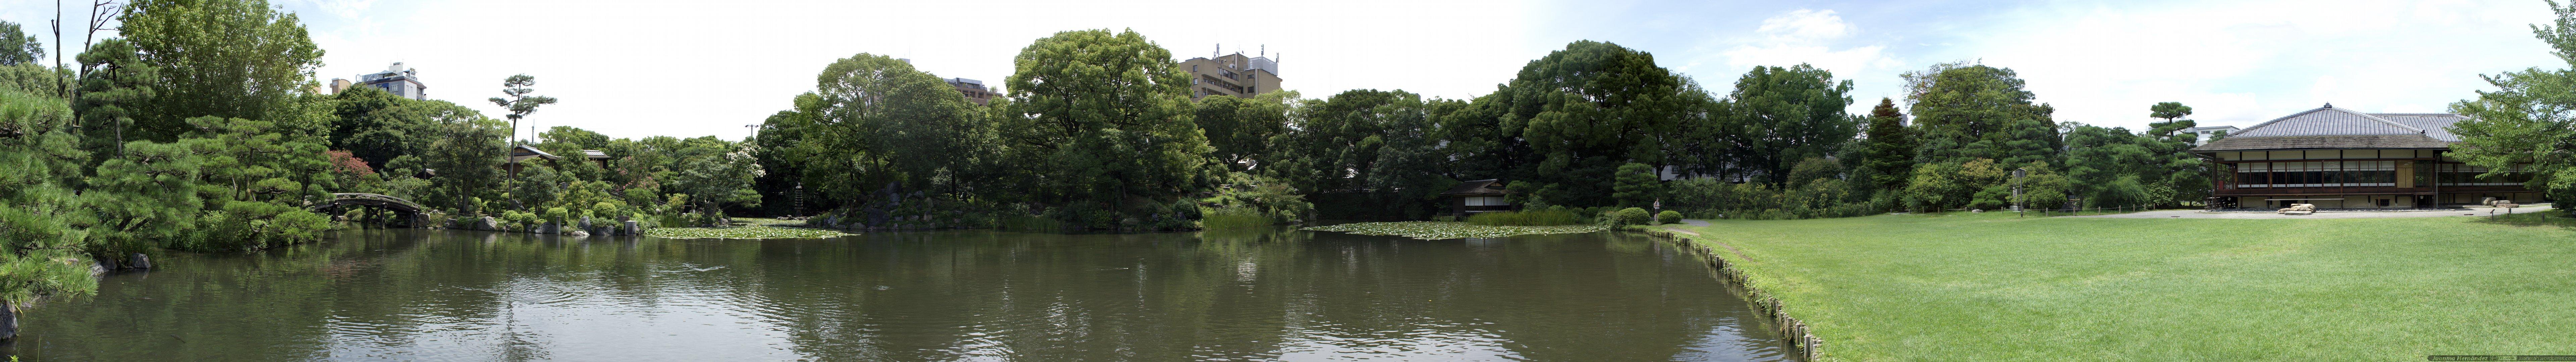 nishi hogashi garden 7680x1080 7680x1080